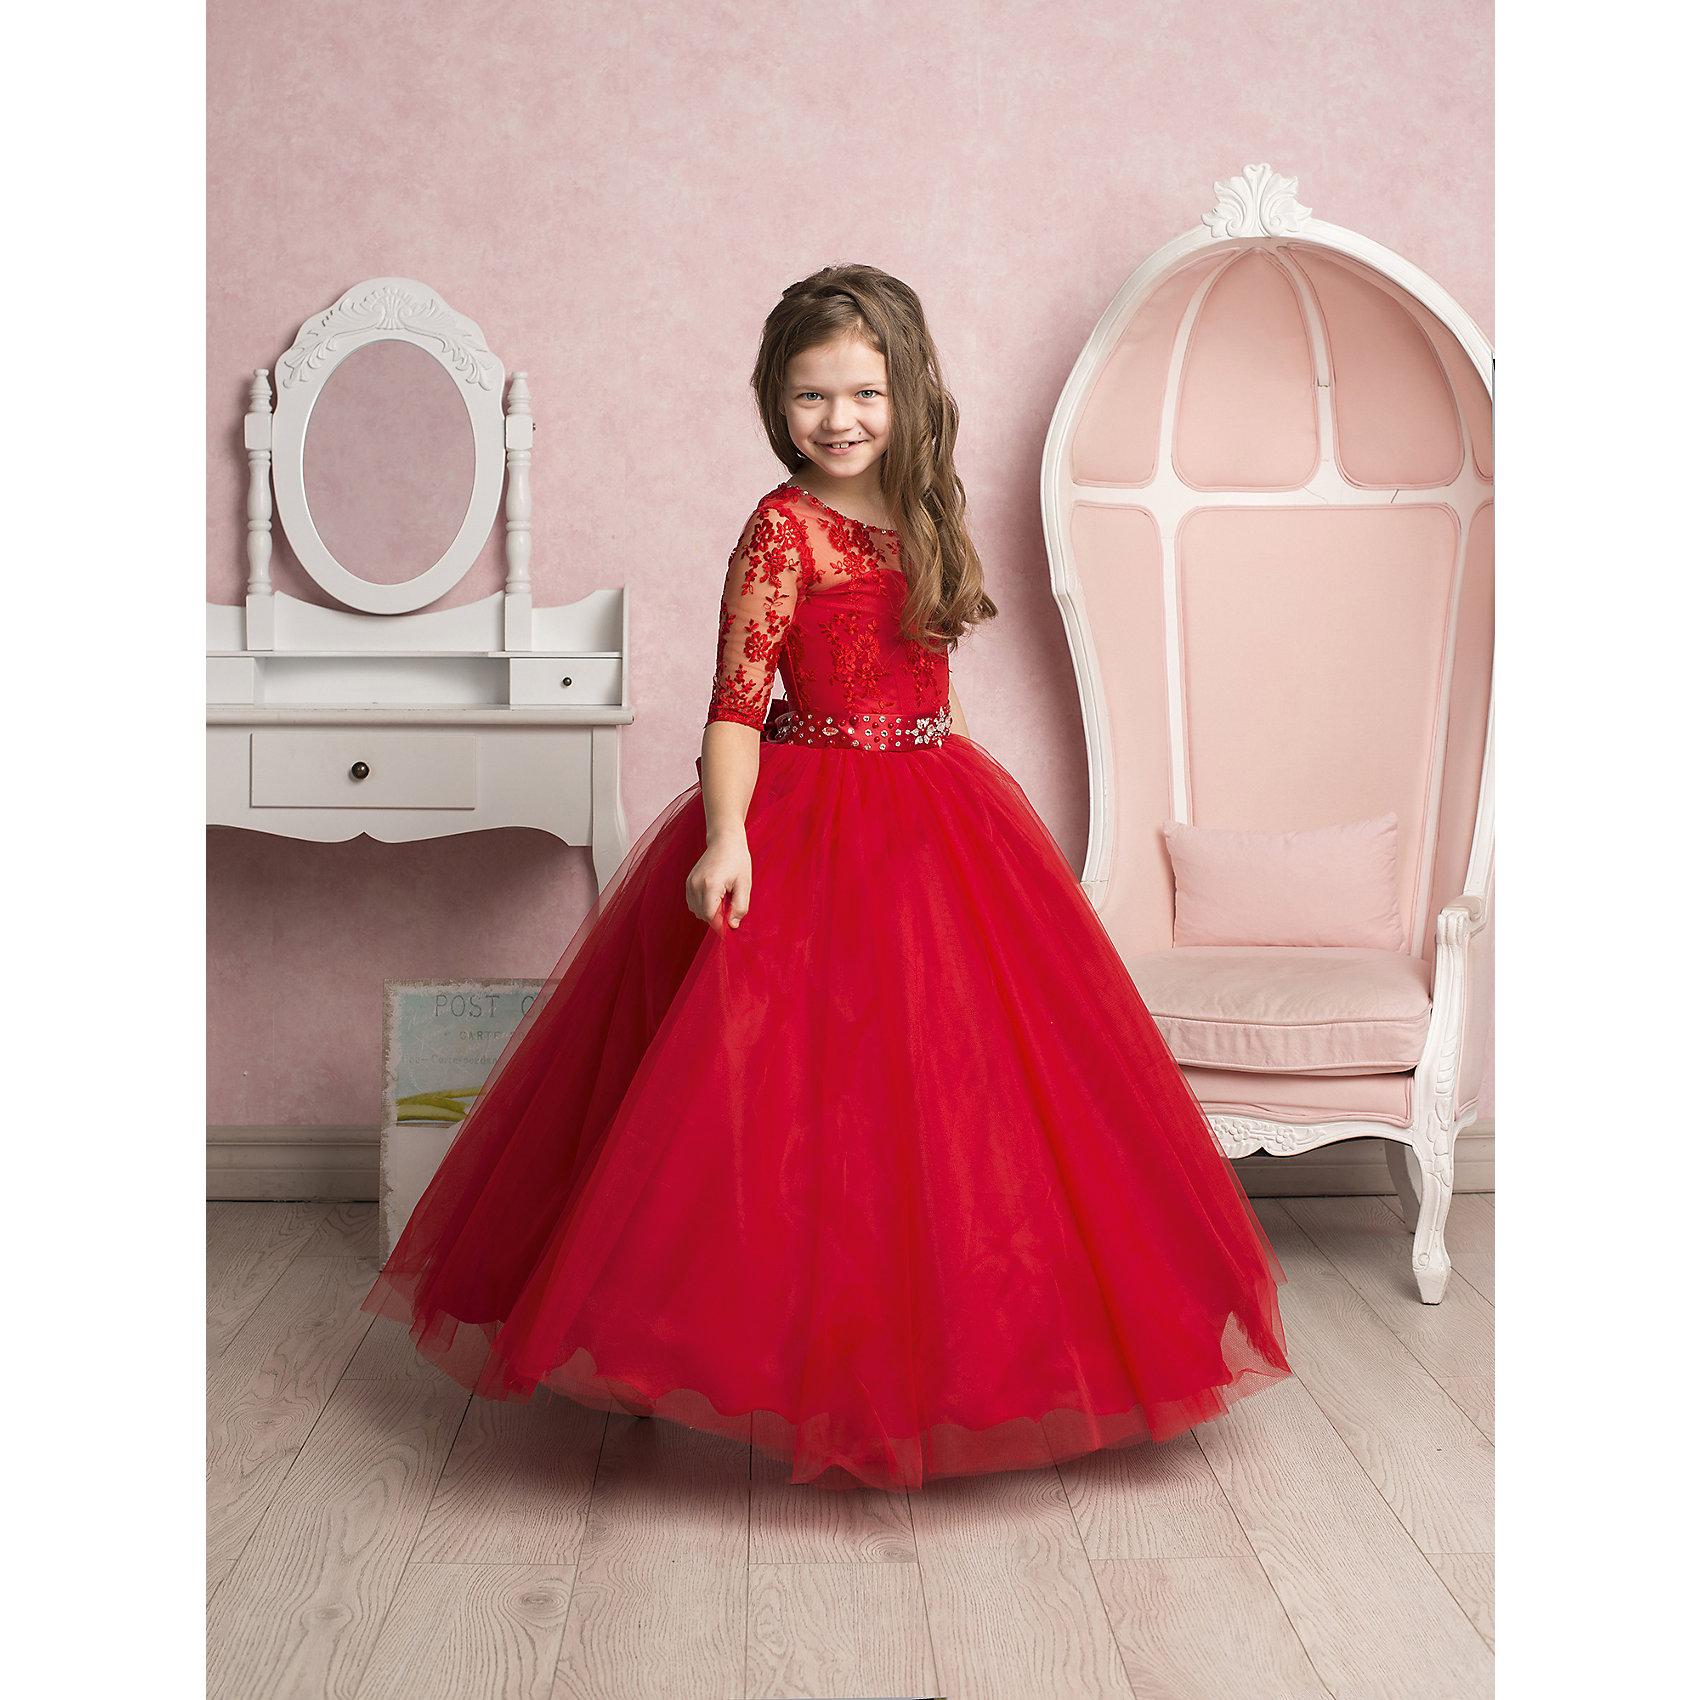 Платье нарядное ПрестижОдежда<br>Характеристики:<br><br>• Вид детской и подростковой одежды: платье<br>• Предназначение: праздничная<br>• Платье подходит для занятий бальными танцами<br>• Коллекция: Veronikaiko<br>• Сезон: круглый год<br>• Тематика рисунка: цветы<br>• Цвет: красный<br>• Материал: 100% полиэстер<br>• Силуэт: А-силуэт<br>• Юбка: солнце<br>• Рукав: 3/4<br>• Вырез горловины: круглый<br>• Длина платья: макси<br>• Застежка: молния на спинке<br>• В комплекте предусмотрен пояс, декорированный стразами<br>• Особенности ухода: ручная стирка при температуре не более 30 градусов<br><br>Платье регулируется шнуровкой сзади, от талии до верха спинки. Шнуровка в комплекте.<br>Платье подходит для занятий бальными танцами.<br><br>Платье нарядное для девочки Престиж от отечественного производителя праздничной одежды и аксессуаров как для взрослых, так и для детей. Изделие выполнено из 100% полиэстера, который обладает легкостью, прочностью, устойчивостью к износу и пятнам. <br><br>Платье отрезное по талии, имеет классический А-силуэт, круглую горловину и пышную юбку макси. Верх платья выполнен в стиле корсета с кружевом и рукавами 3/4. Платье выполнено в ярком красном цвете. В комплекте предусмотрен пояс, декорированный стразами. <br><br>Платье нарядное для девочки Престиж – это неповторимый стиль вашей девочки на любом торжестве!<br><br>Платье нарядное для девочки Престиж можно купить в нашем интернет-магазине.<br><br>Ширина мм: 236<br>Глубина мм: 16<br>Высота мм: 184<br>Вес г: 177<br>Цвет: красный<br>Возраст от месяцев: 108<br>Возраст до месяцев: 120<br>Пол: Женский<br>Возраст: Детский<br>Размер: 128,134,116,122<br>SKU: 5158350